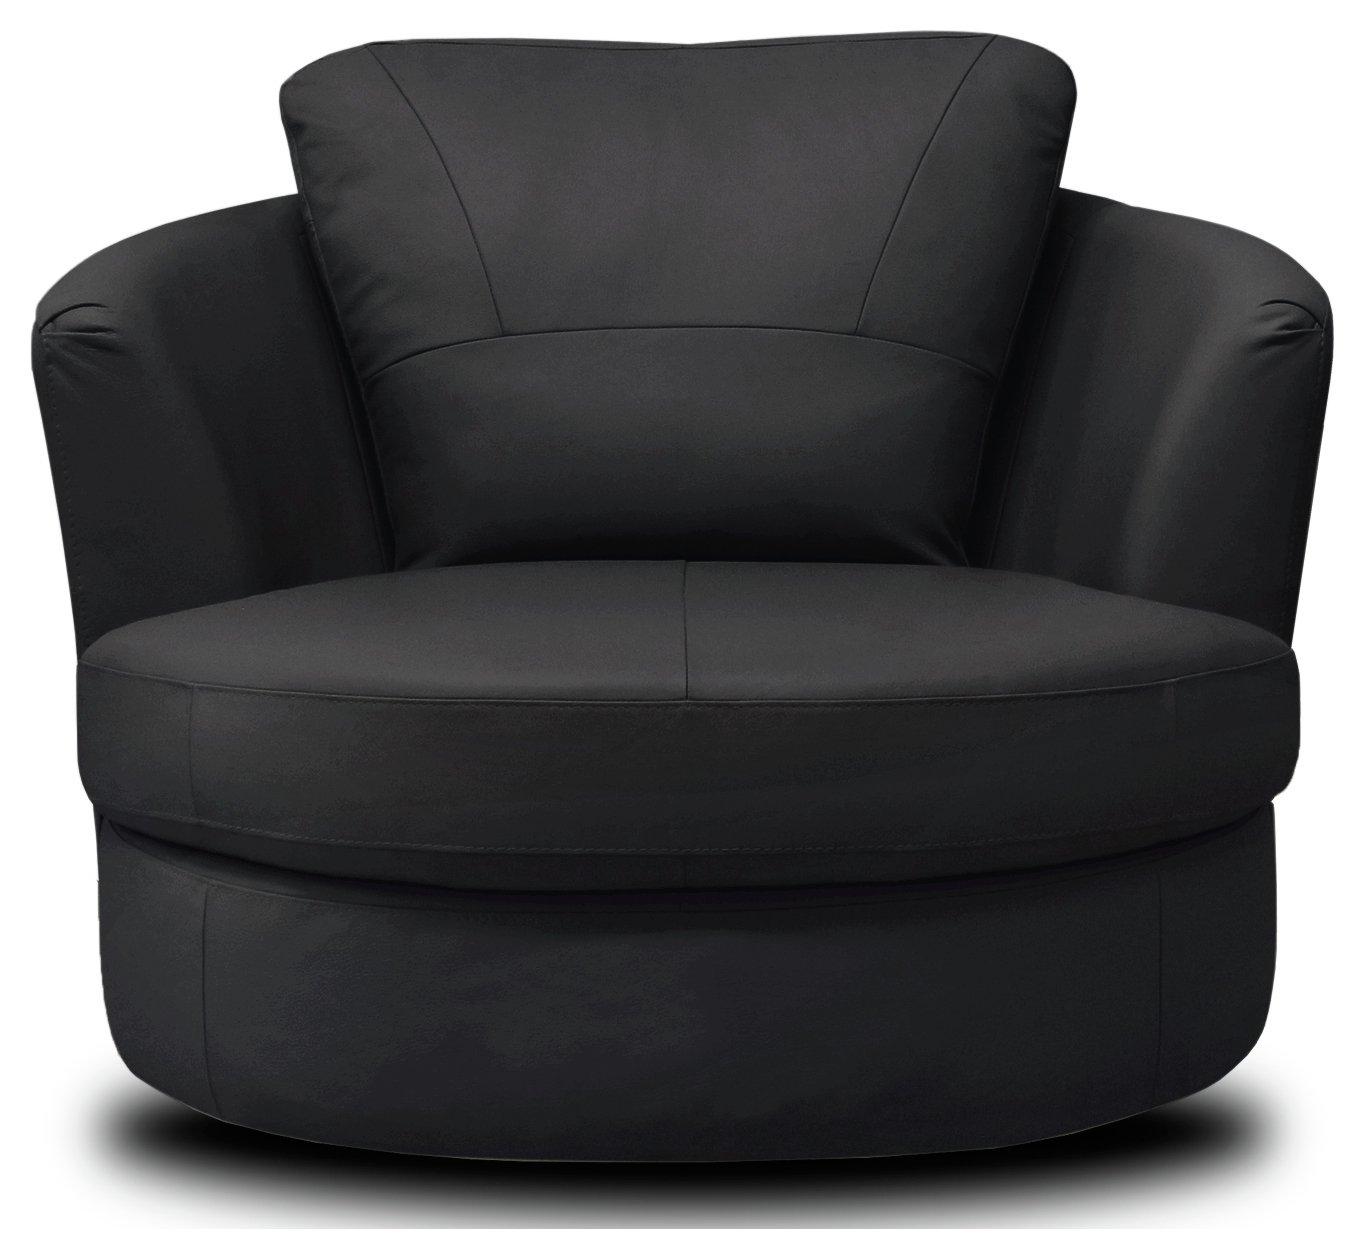 Argos Home Milano Leather Swivel Chair – Black £450.00 @ Argos